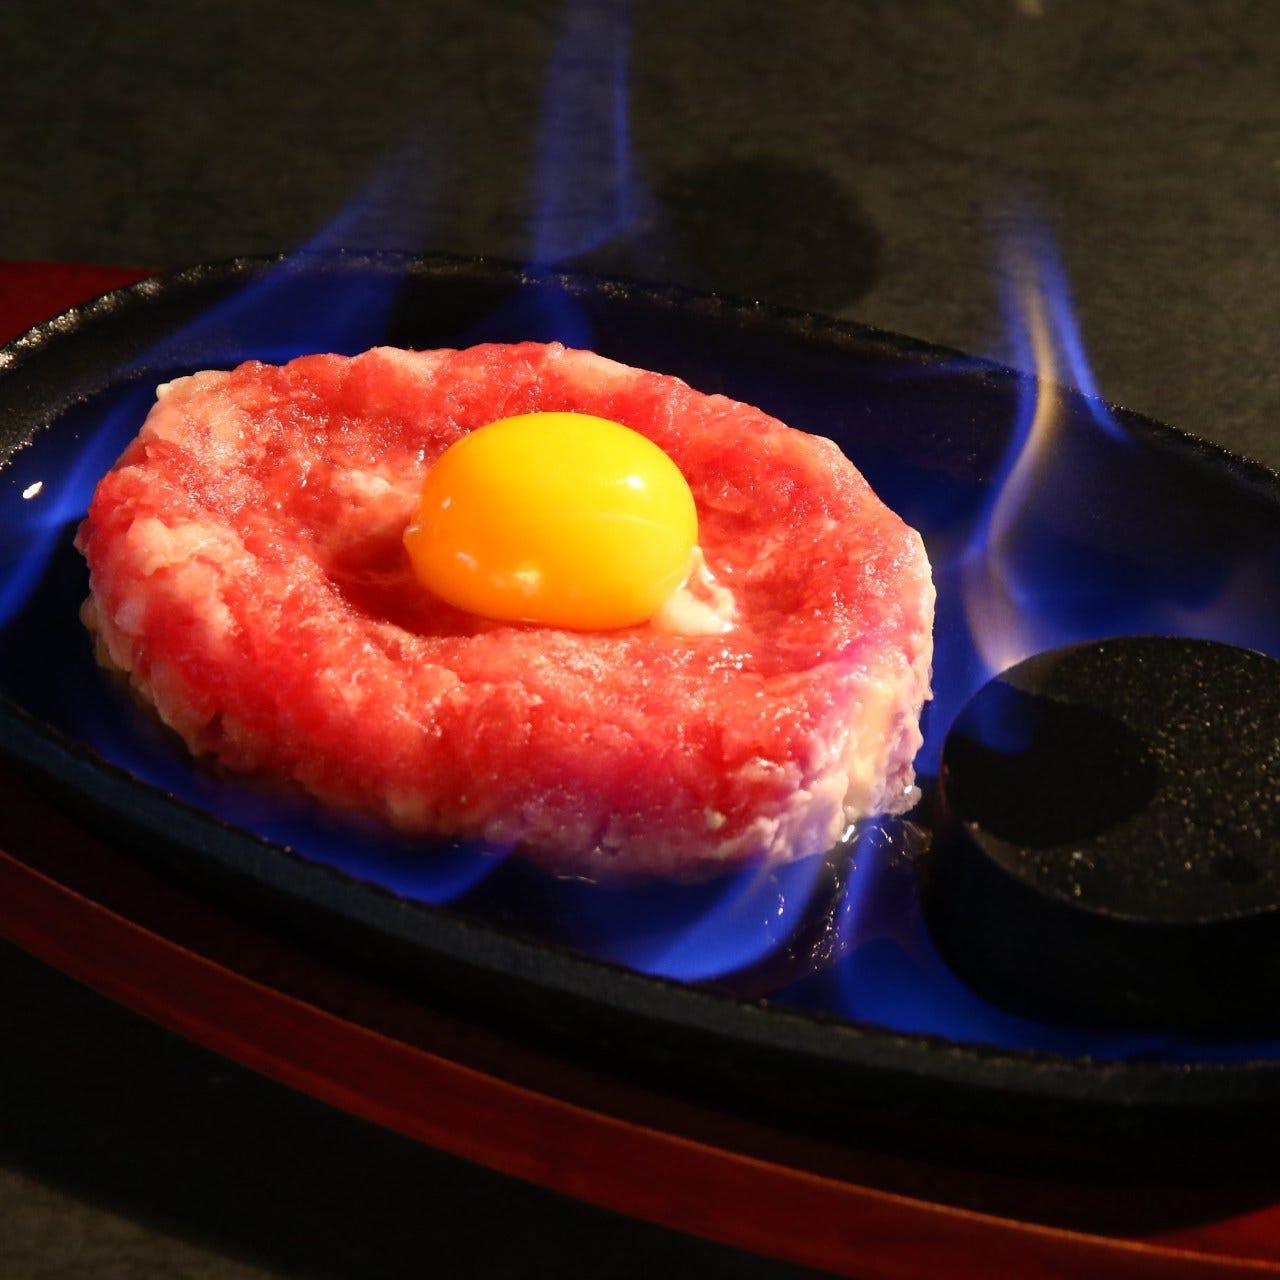 ネギトロをお好みの焼き加減をお楽しみください。